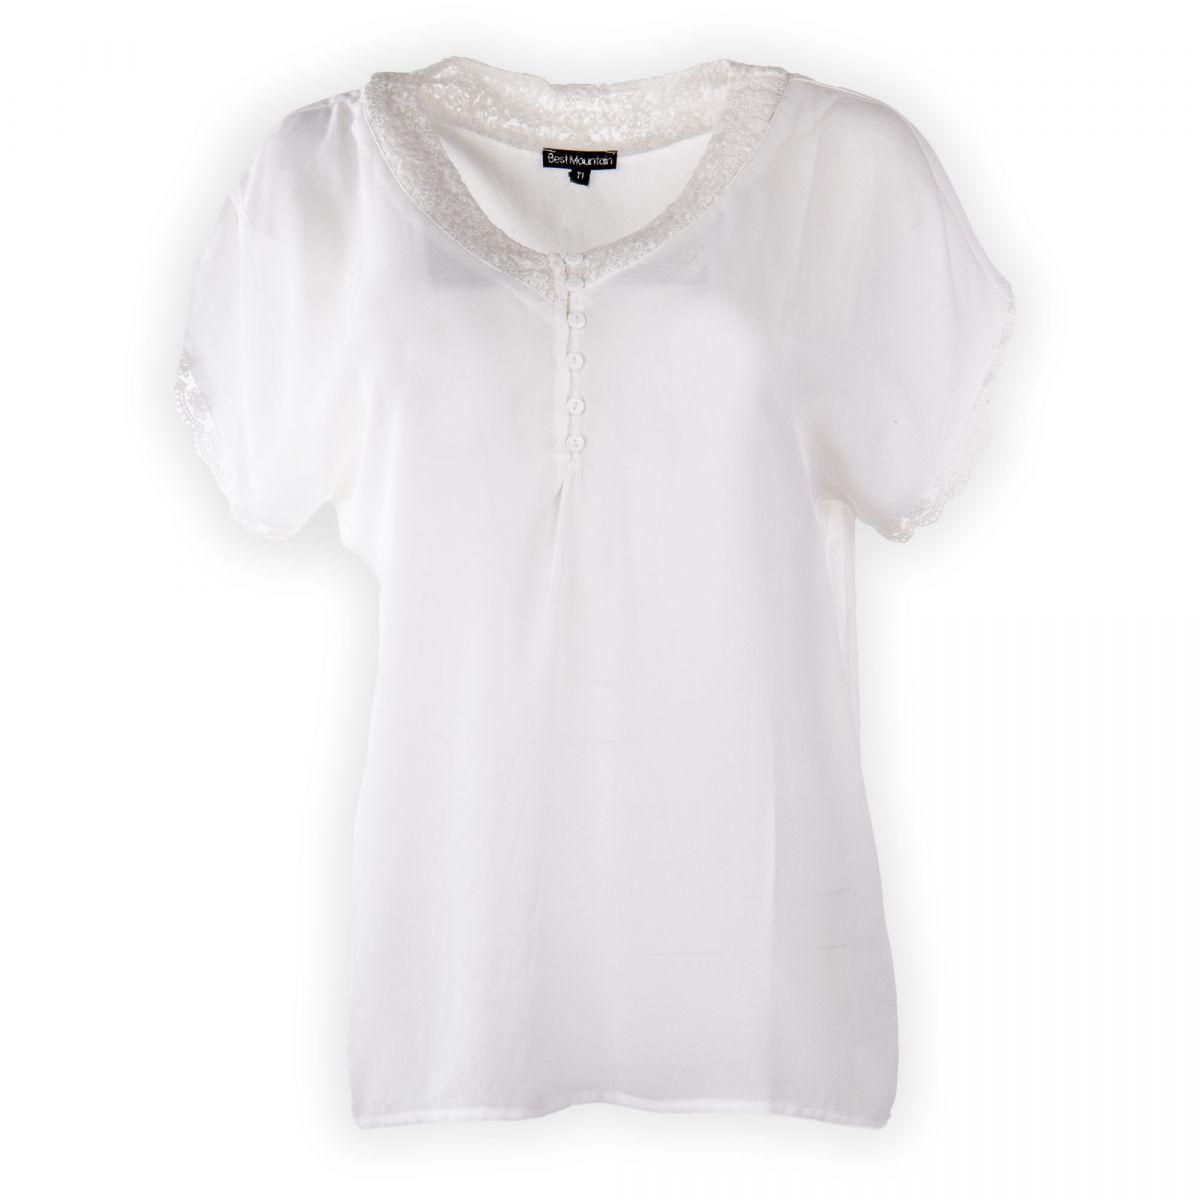 Haut blanc détail dentelle femme BEST MOUNTAIN marque pas cher prix  dégriffés destockage ... 4861a96e622